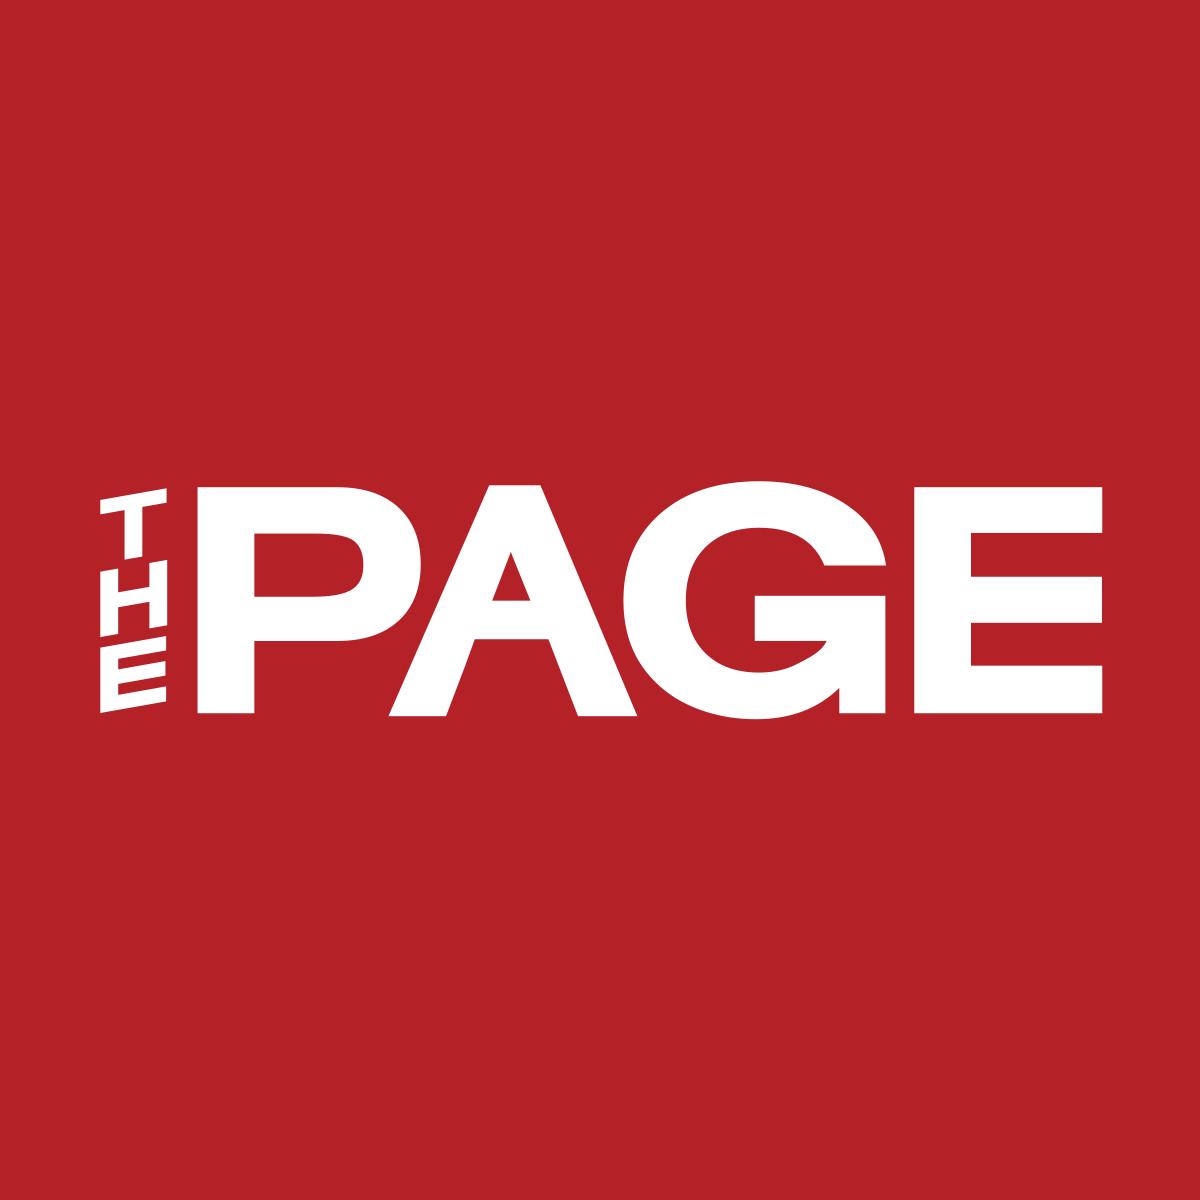 「名探偵コナン」歴代主題歌、なぜアニメファンからも受け入れられる? | THE PAGE(ザ・ページ)